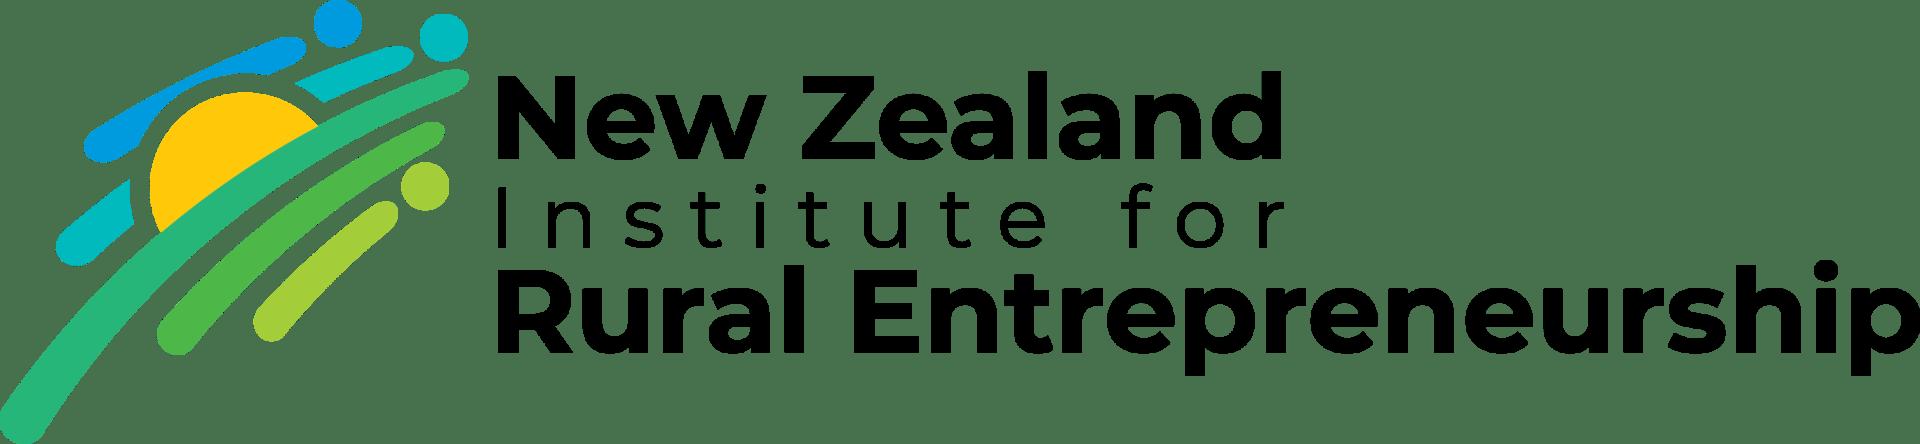 New Zealand Institute for Rural Entrepreneurship